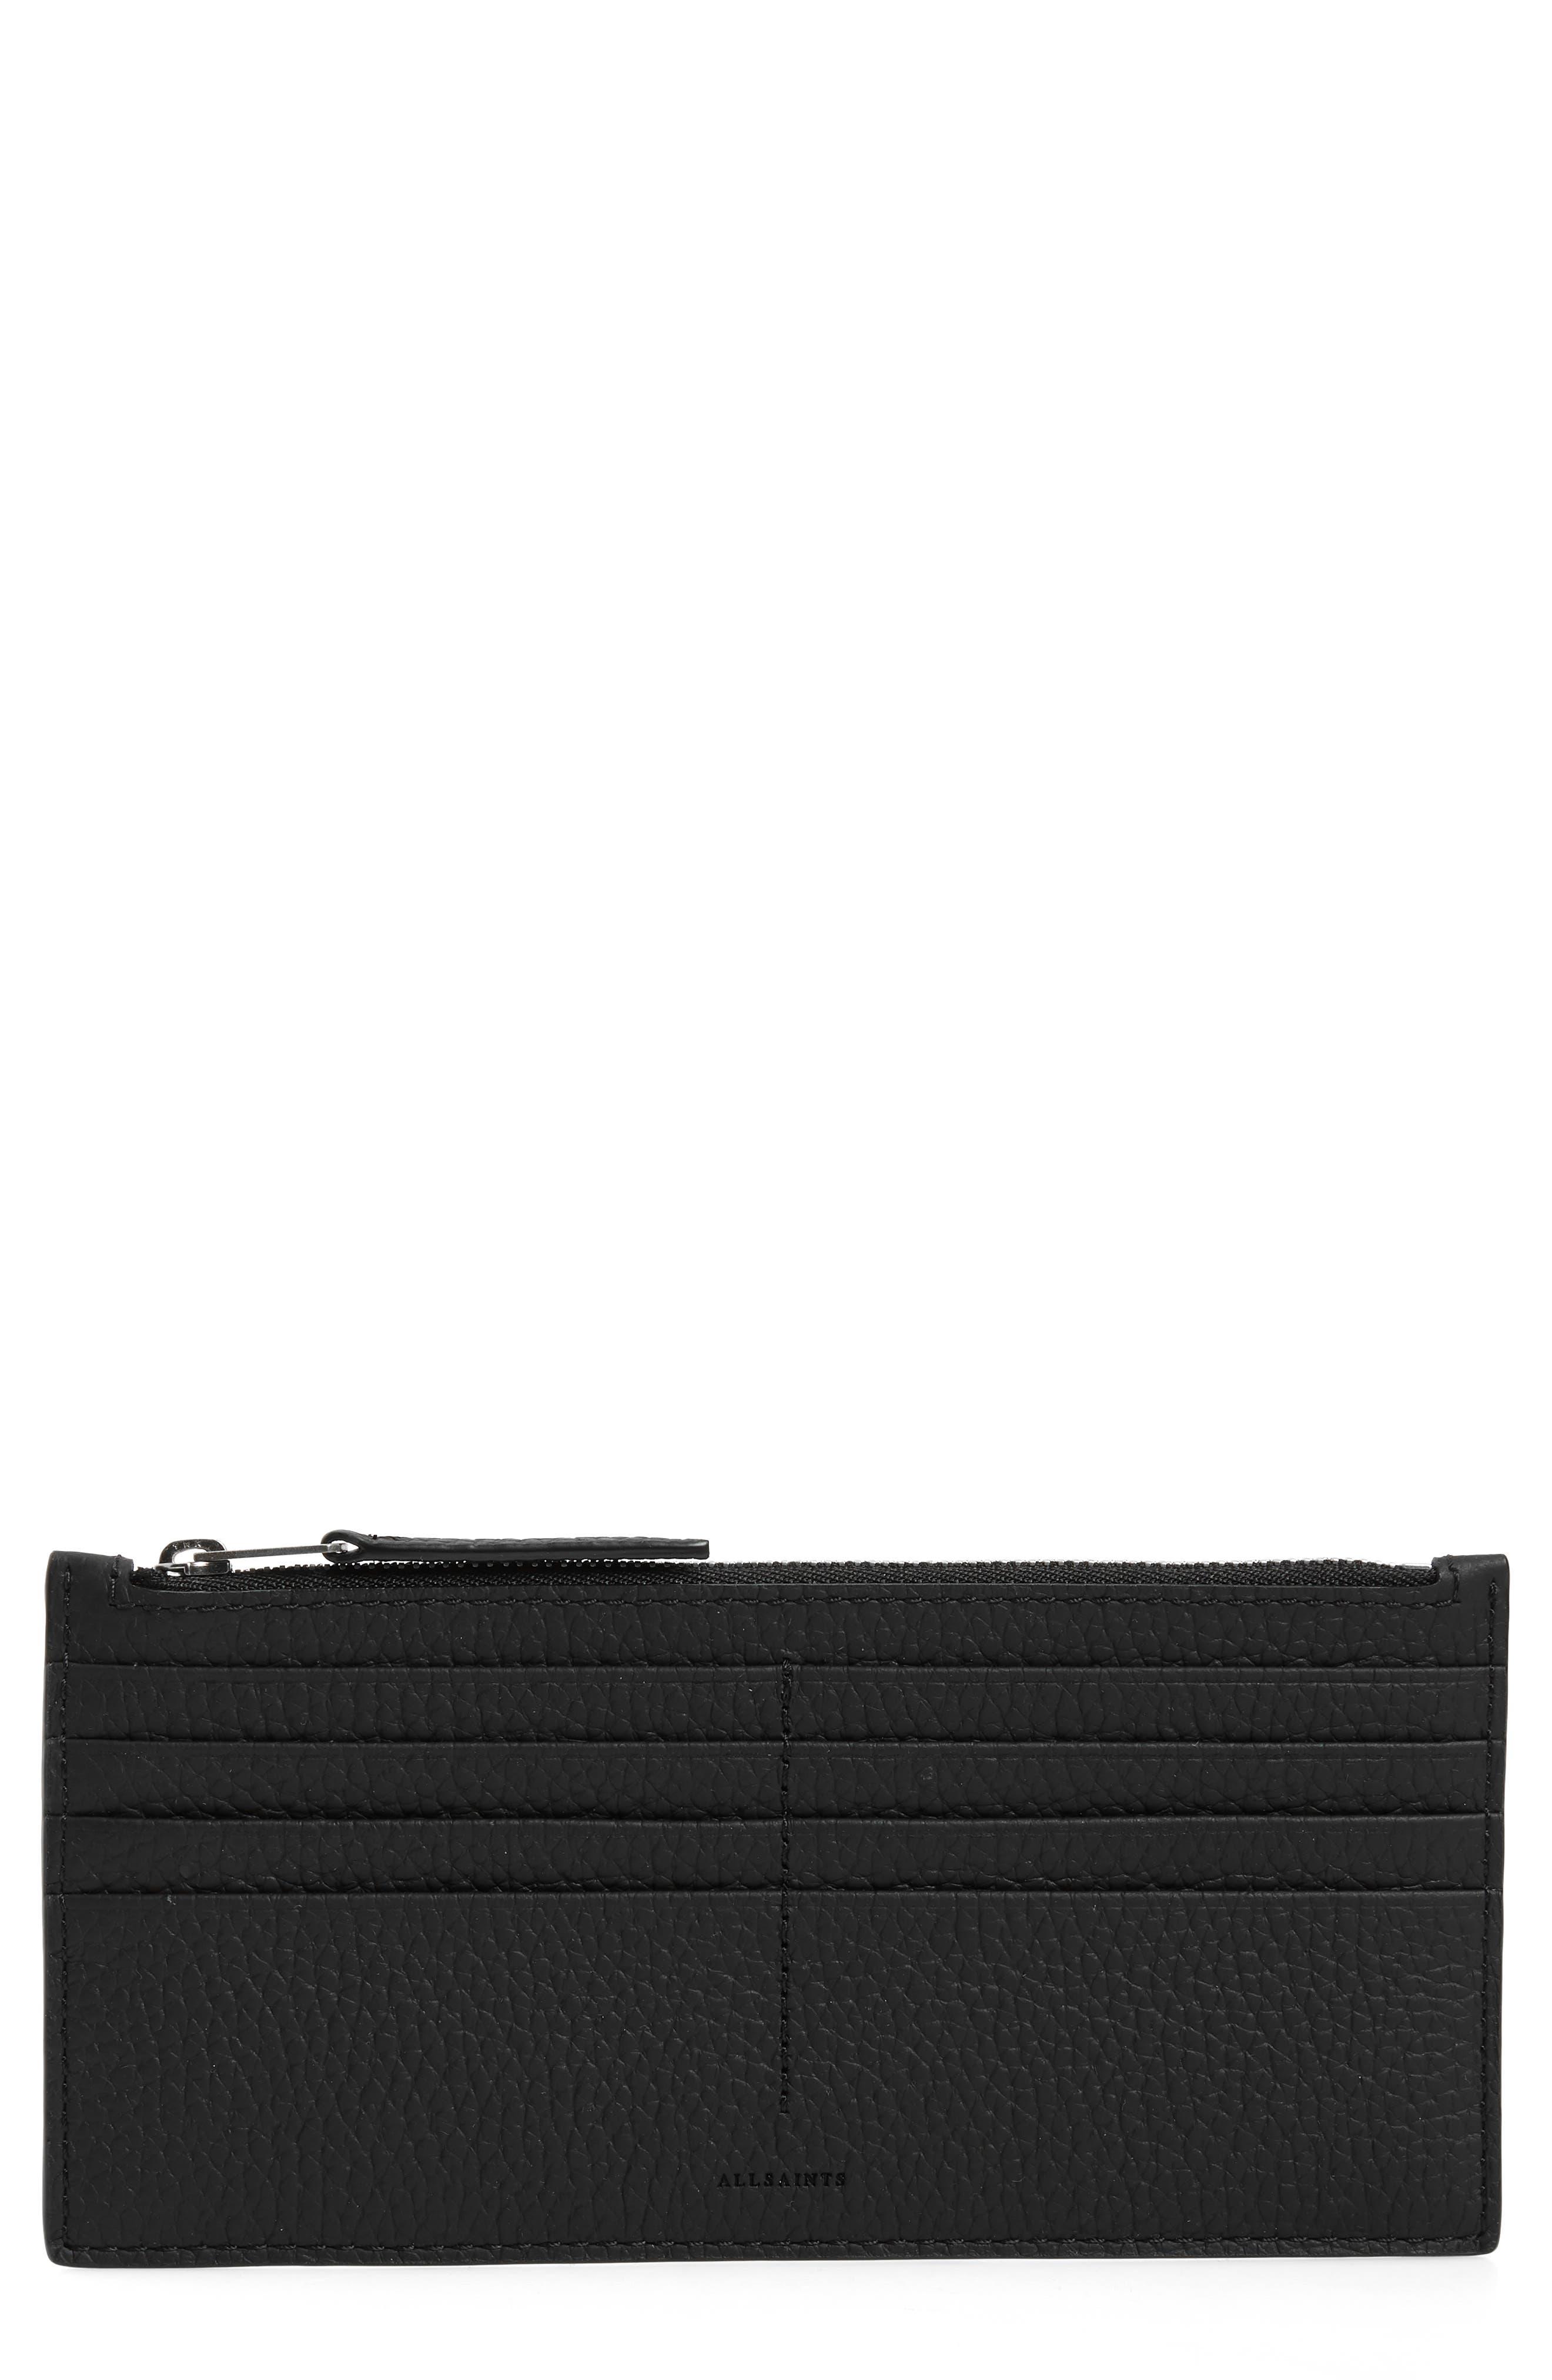 ALLSAINTS Clip Lea Zip Leather Card Holder, Main, color, BLACK